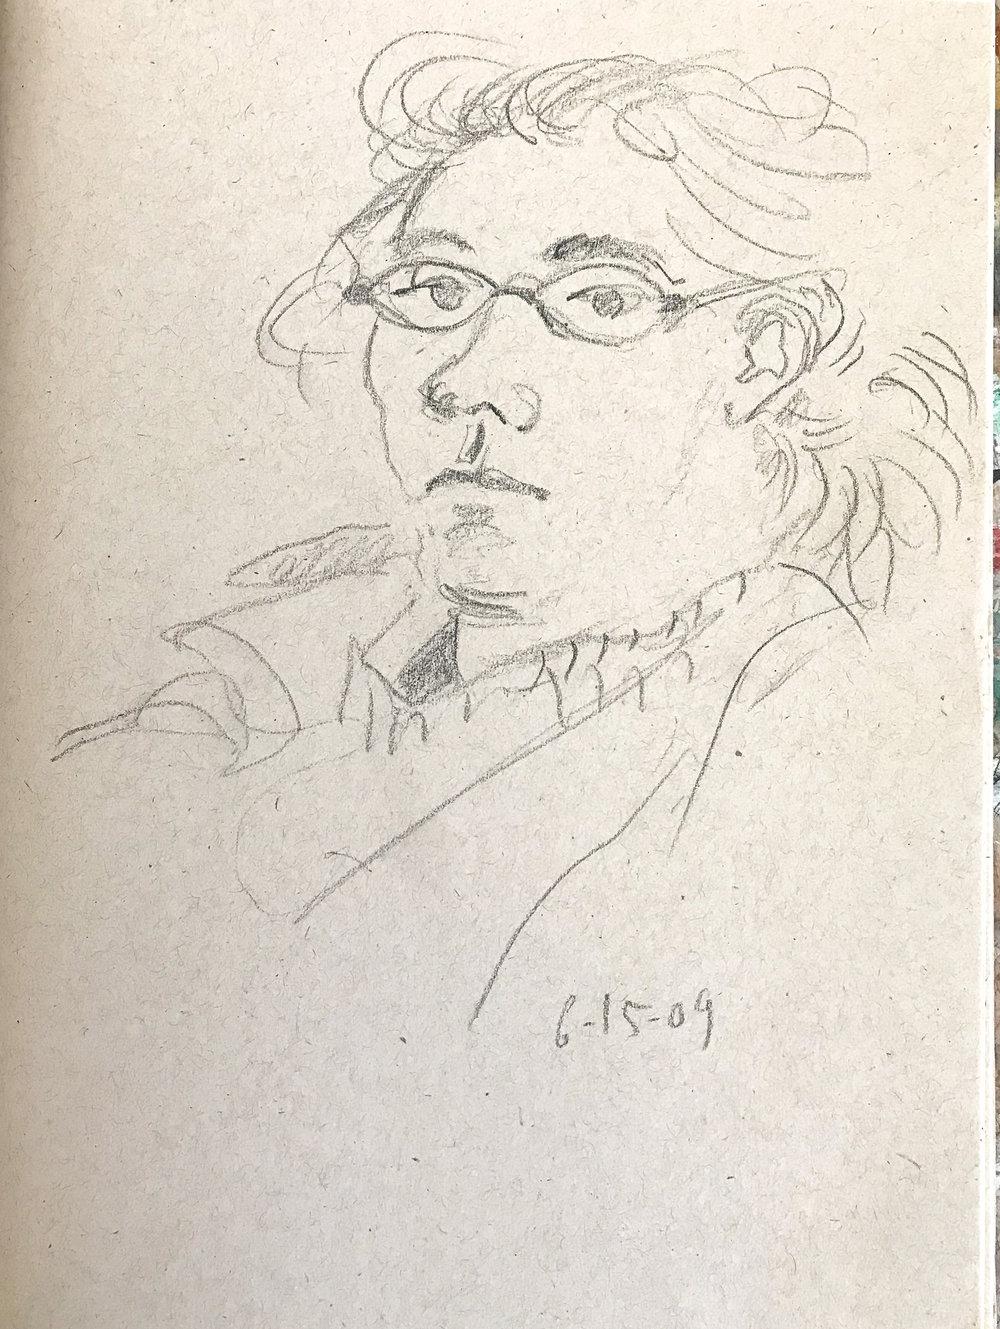 6-15-09 drawing